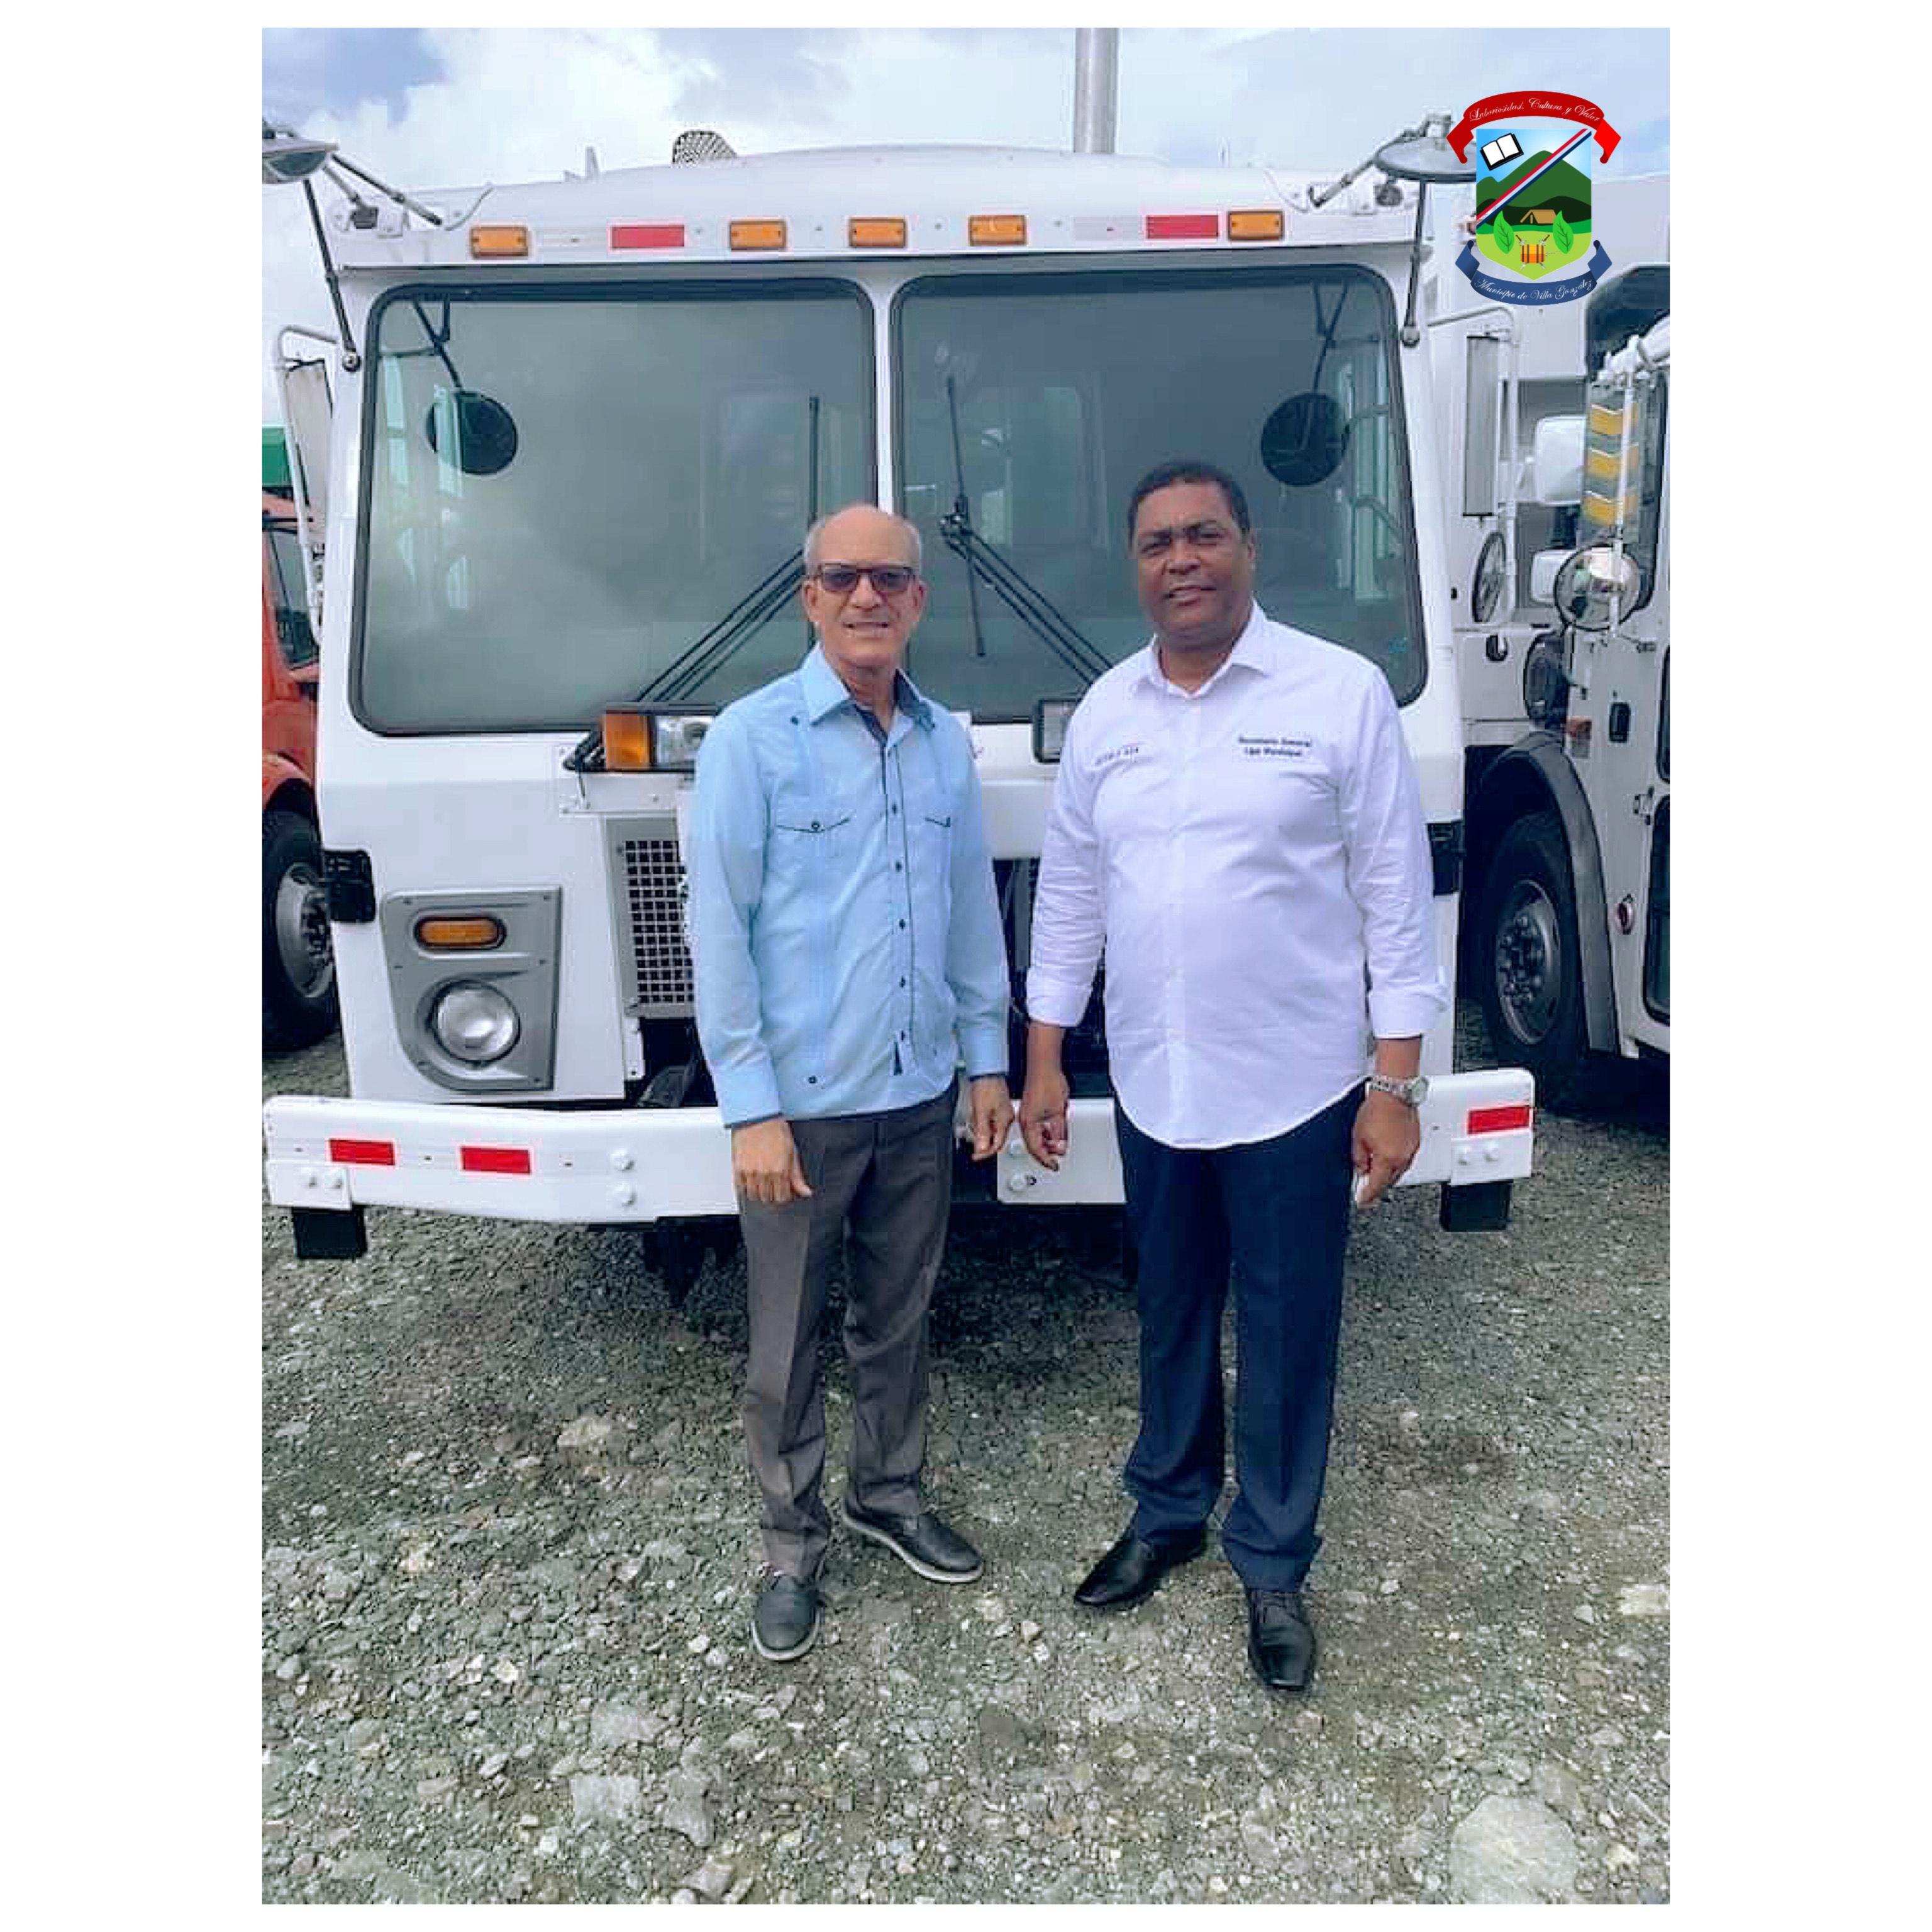 Secretario General, Víctor D'Aza, entregó hoy camión Recolector de desechos Solidos al Alcalde Ing. Cesar Álvarez